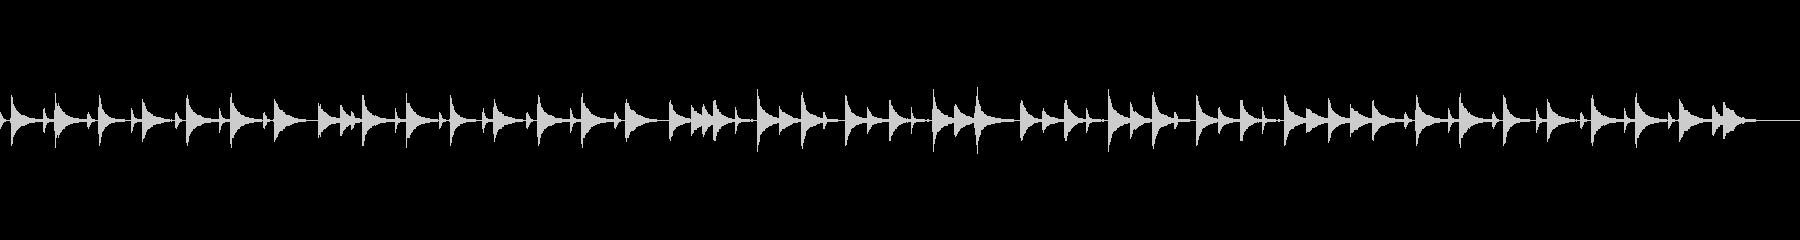 ゆっくりしたピアノソロの未再生の波形